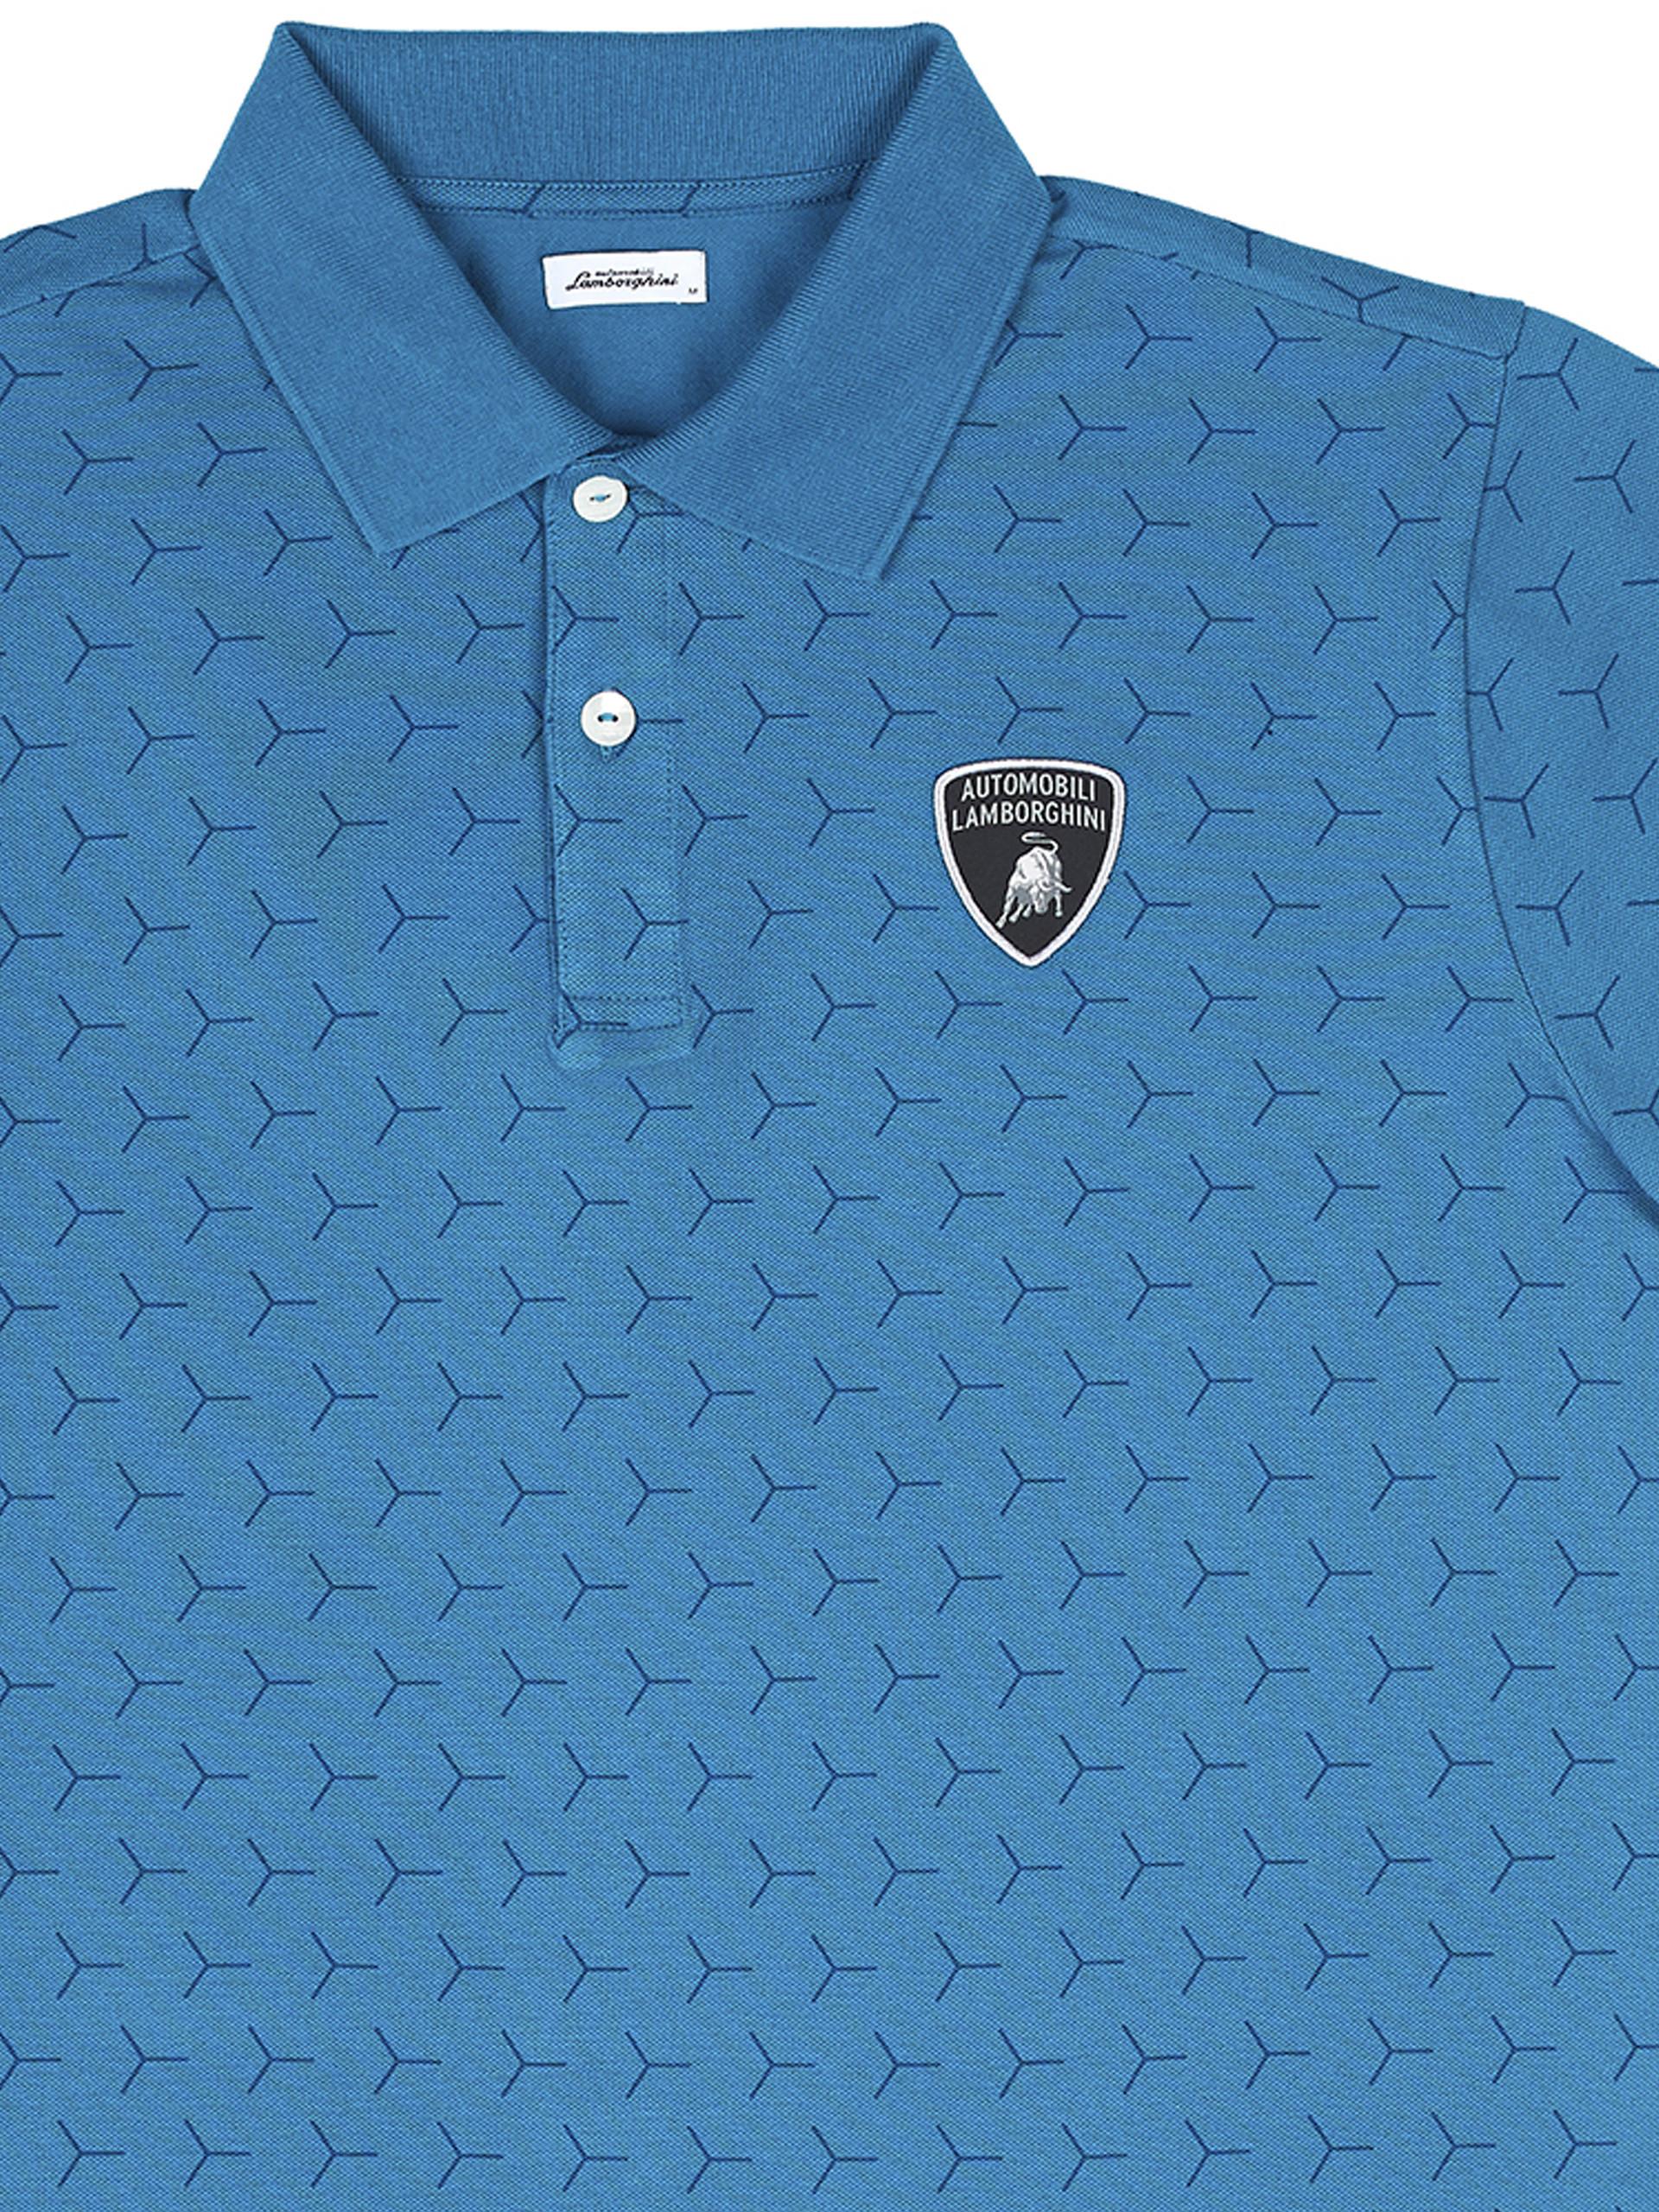 Lamborghini Y Polo shirt